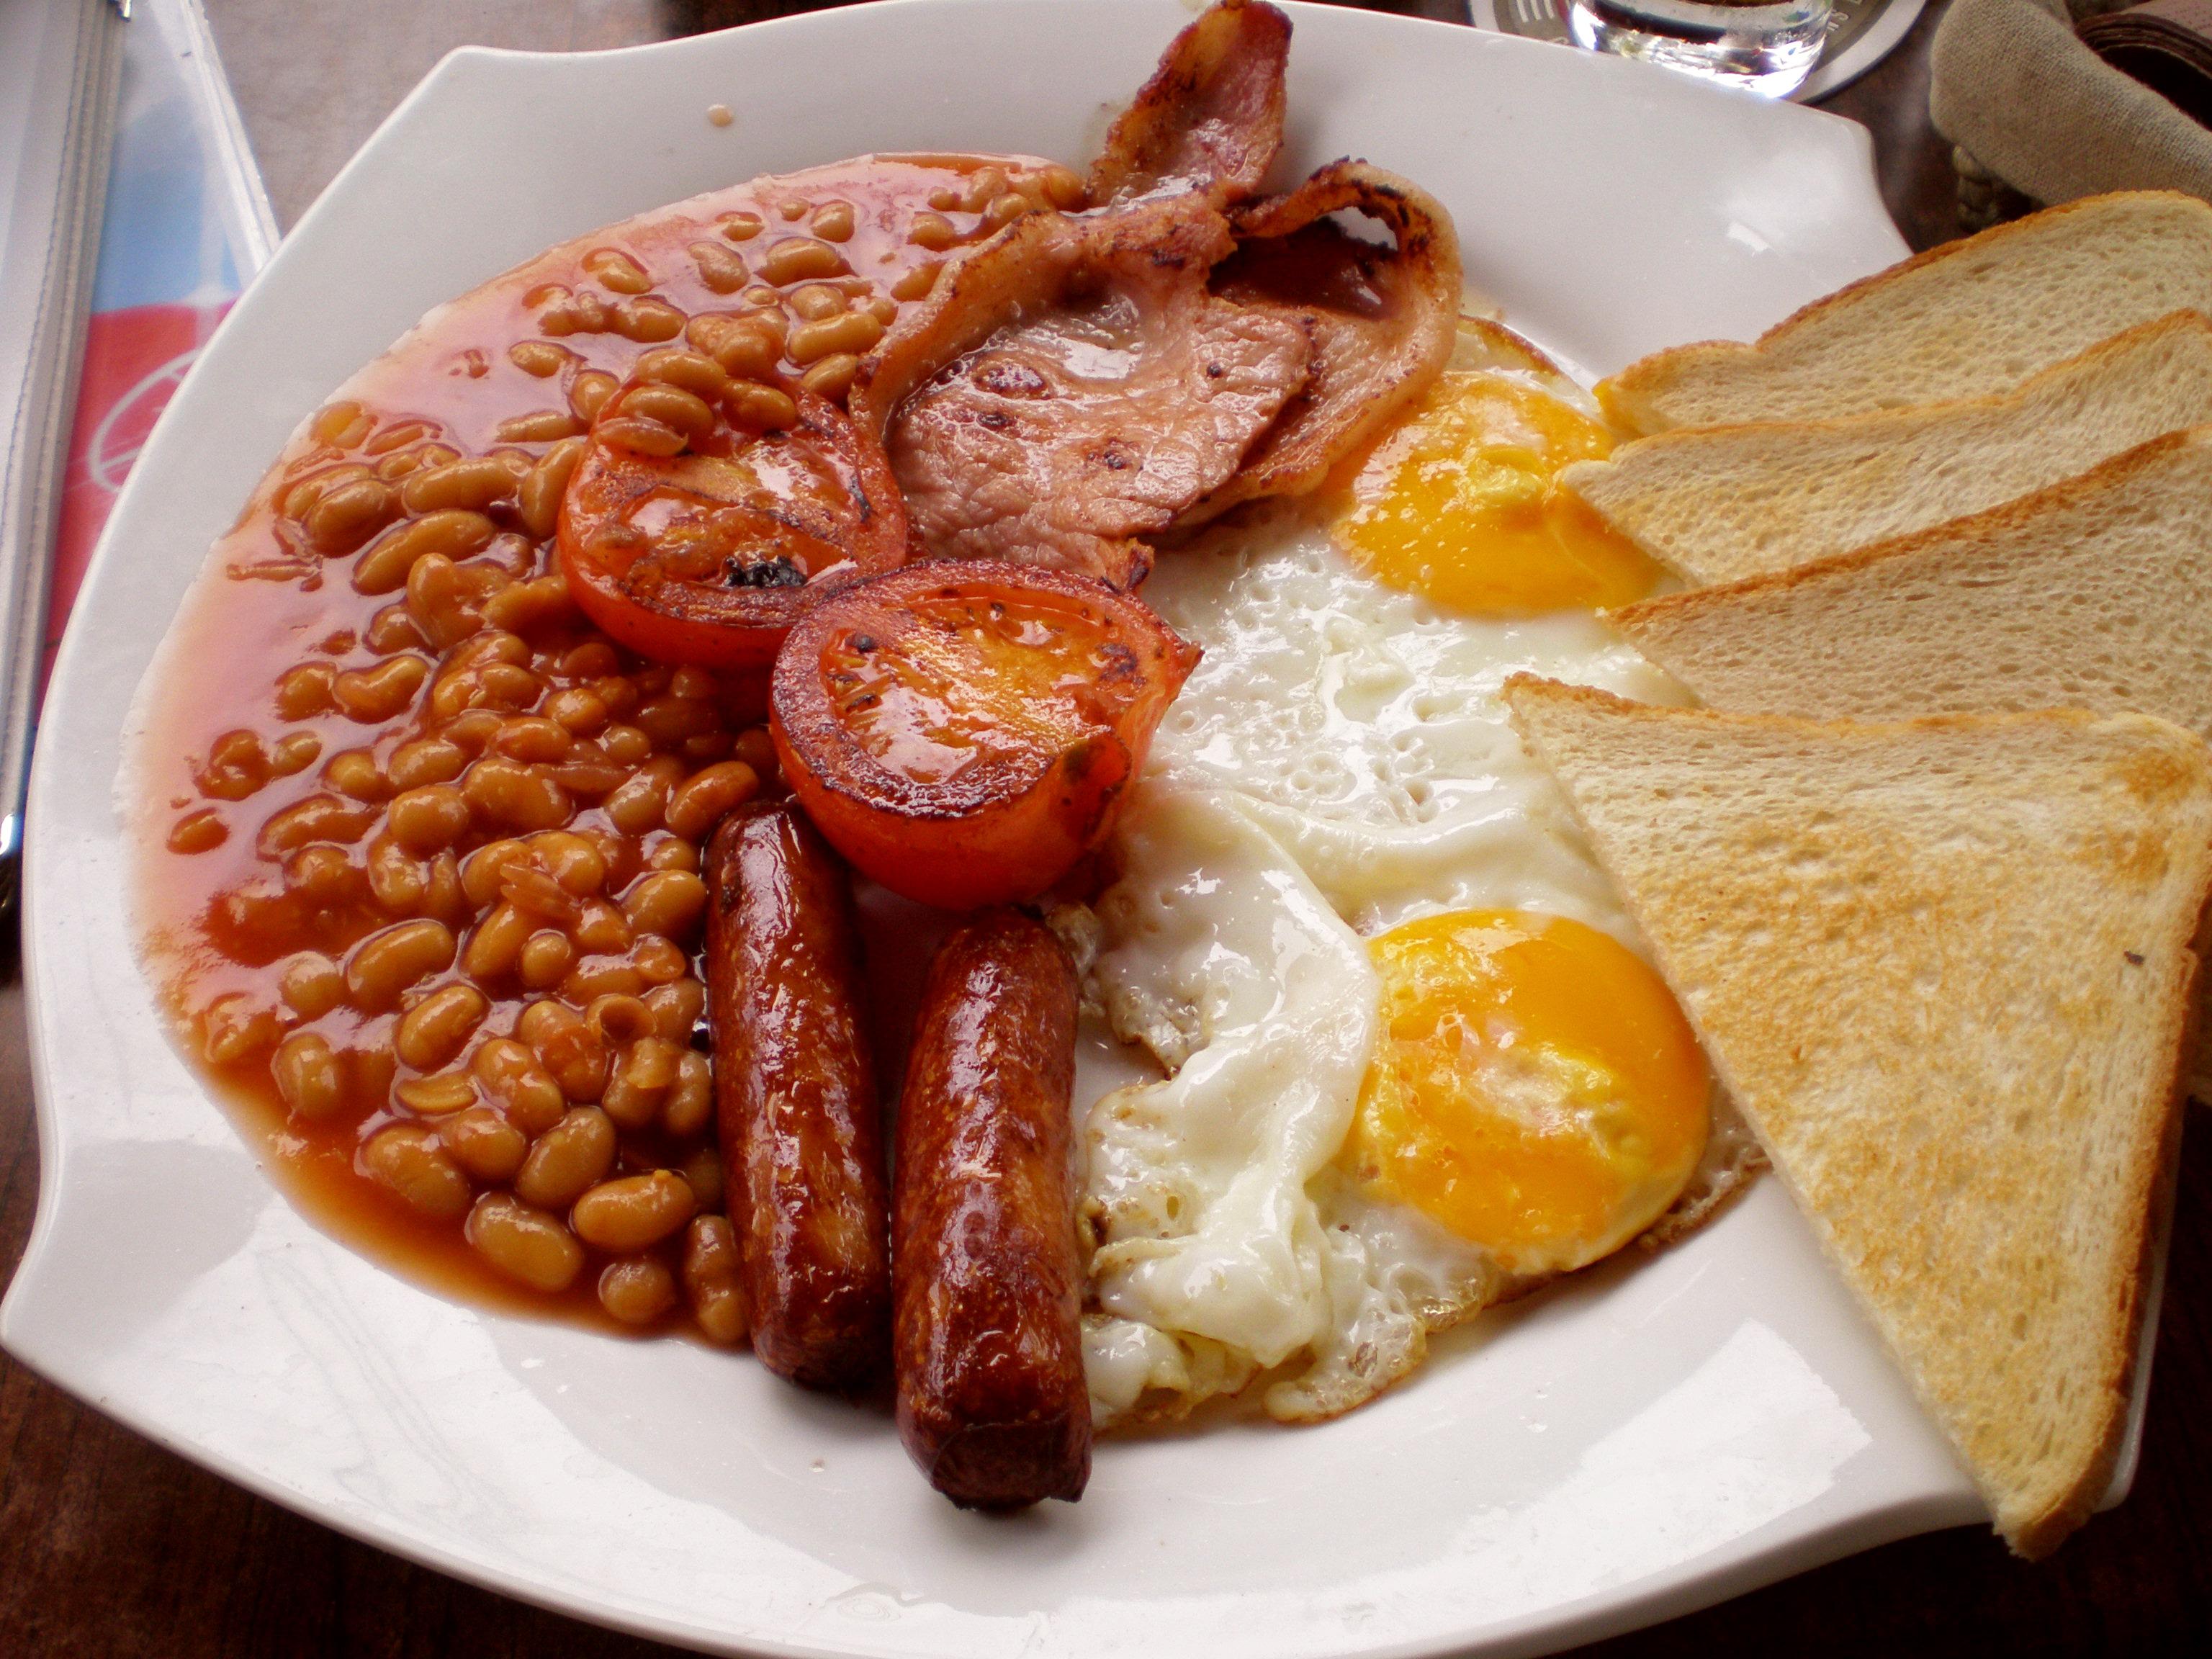 Таким представляет традиционный английский завтрак Википедия